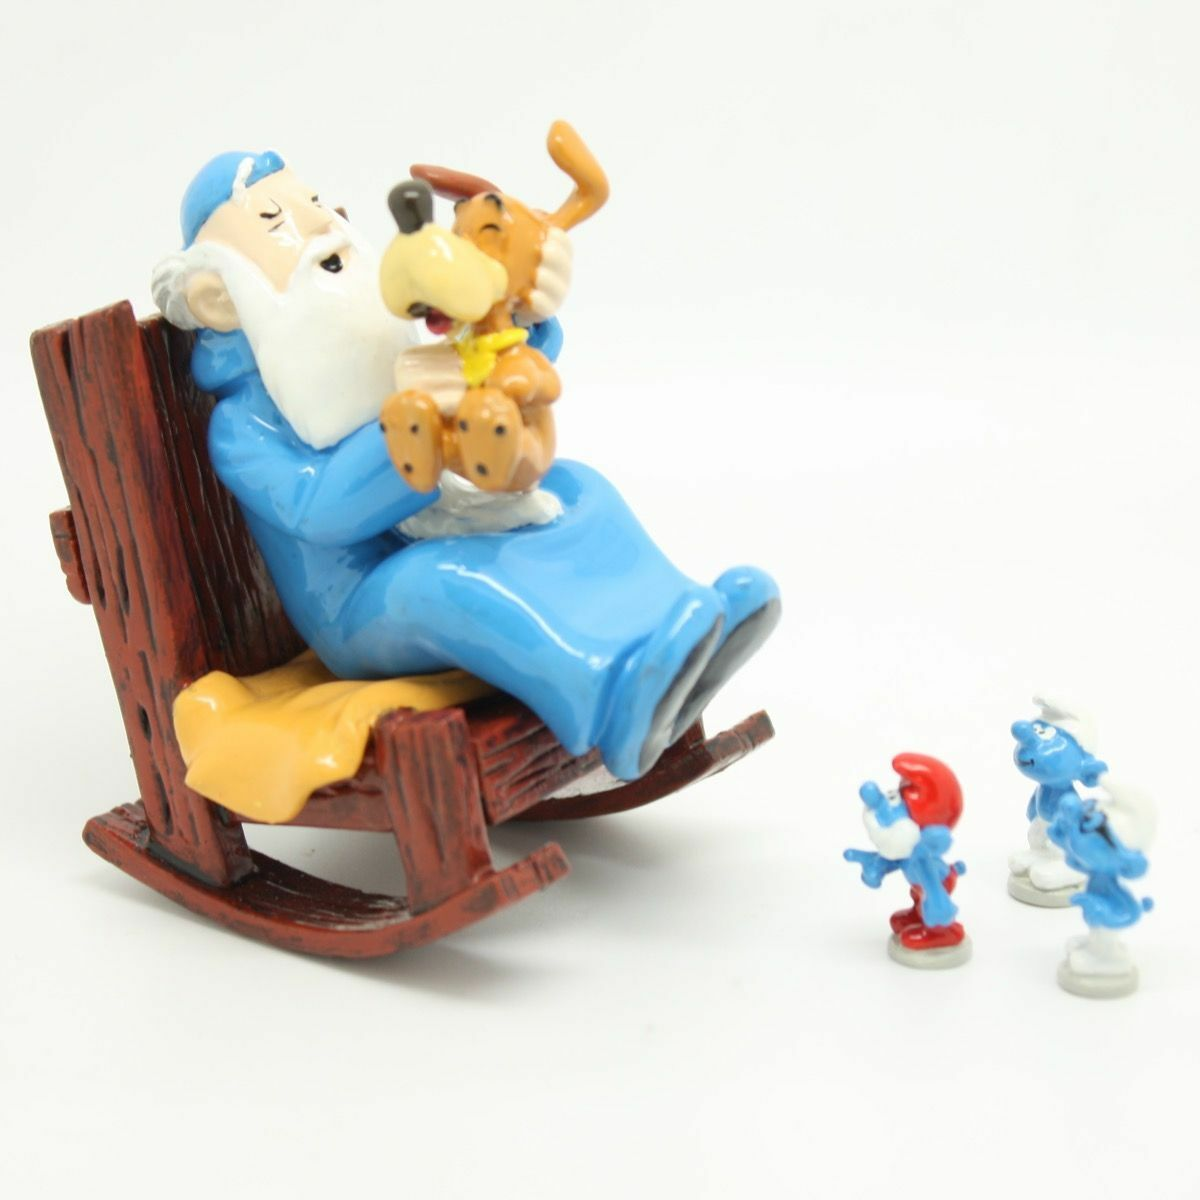 Pixi Paris production 6424 OMNIBUS ET LES SCHTROUMPFS Smurfs Smurf Smurfs 200ex